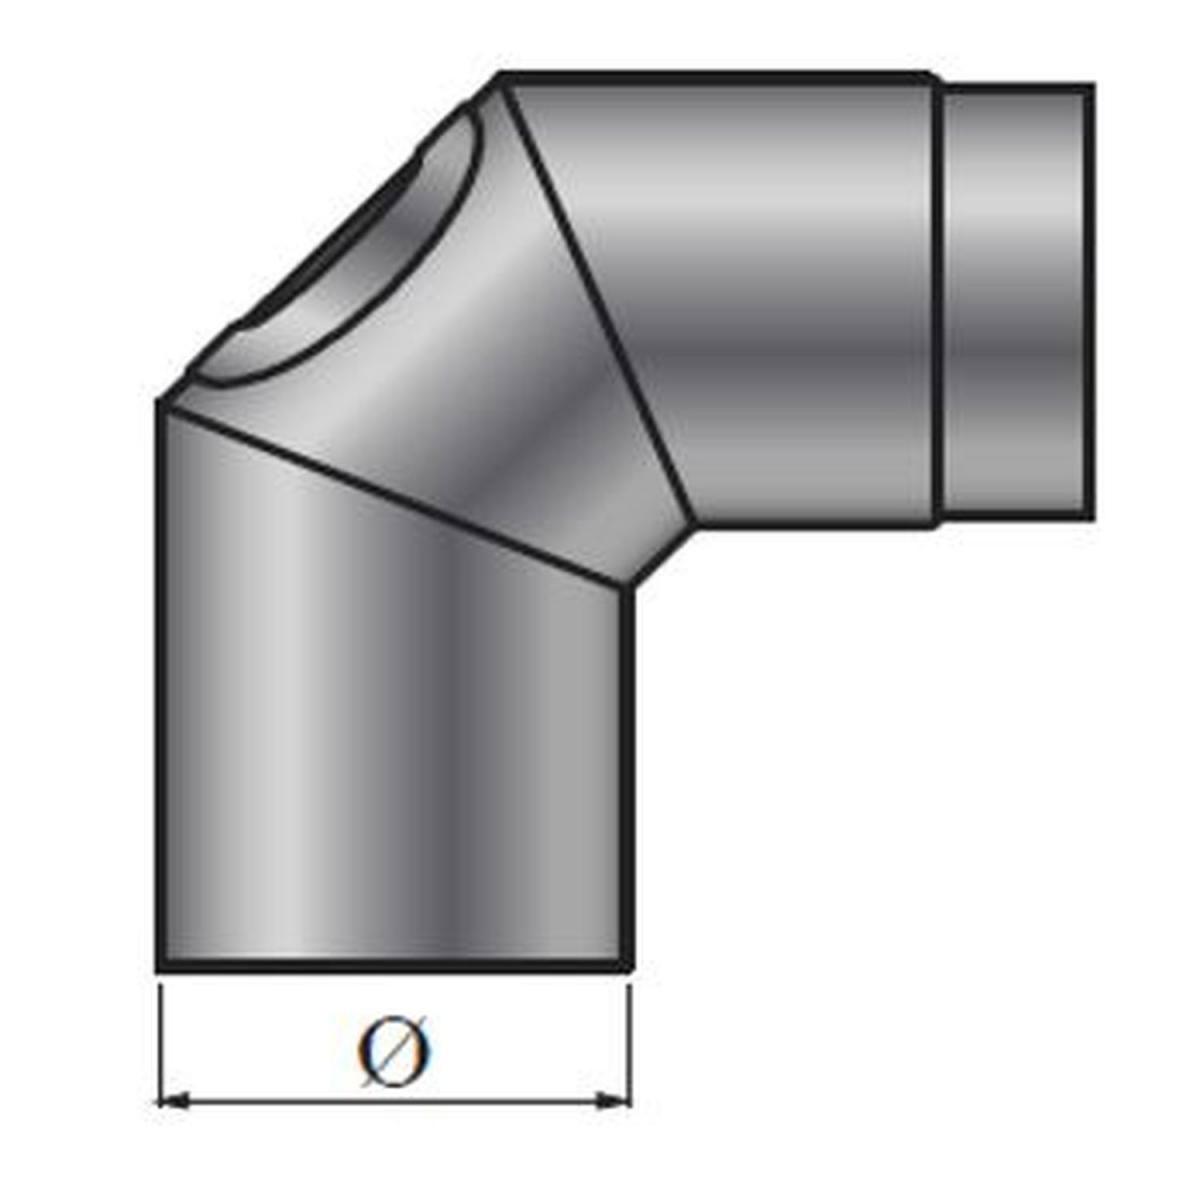 Color Emajl Rauchrohr-Knie Bogen 90° ß 150 mm, schwarz